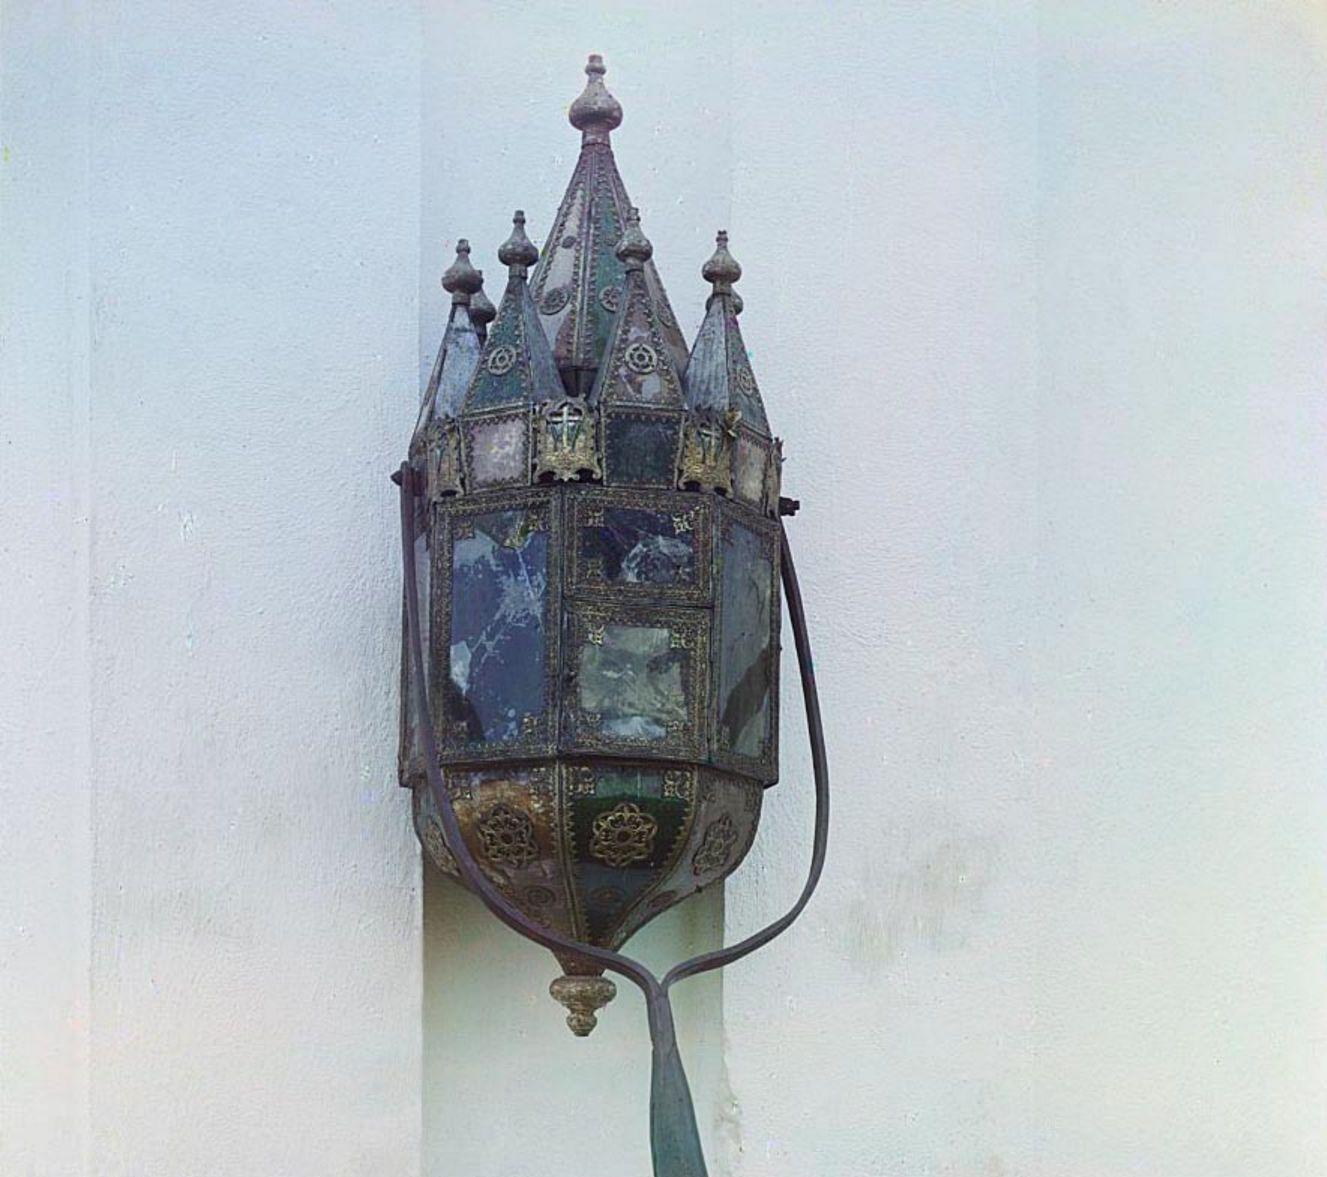 Посад Крохино. Старинный фонарь. В церкви Рождества Христова